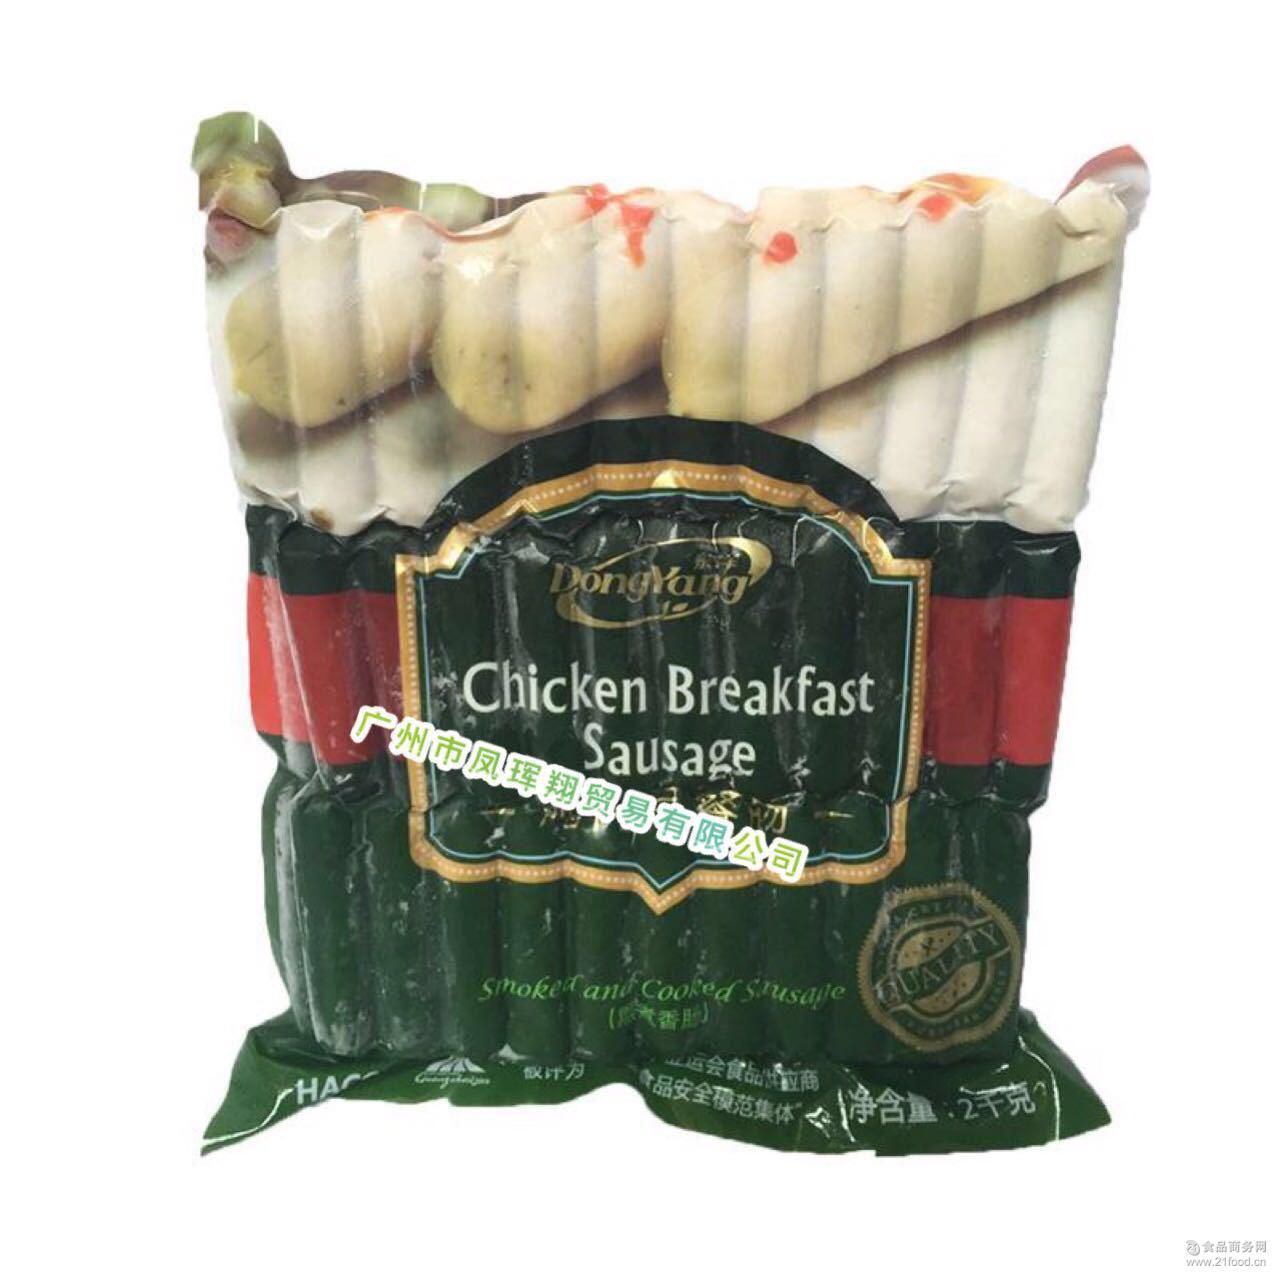 德国香肠系列之一 东洋牌鸡肉早餐肠 五*酒店西餐厅食材2kg*10